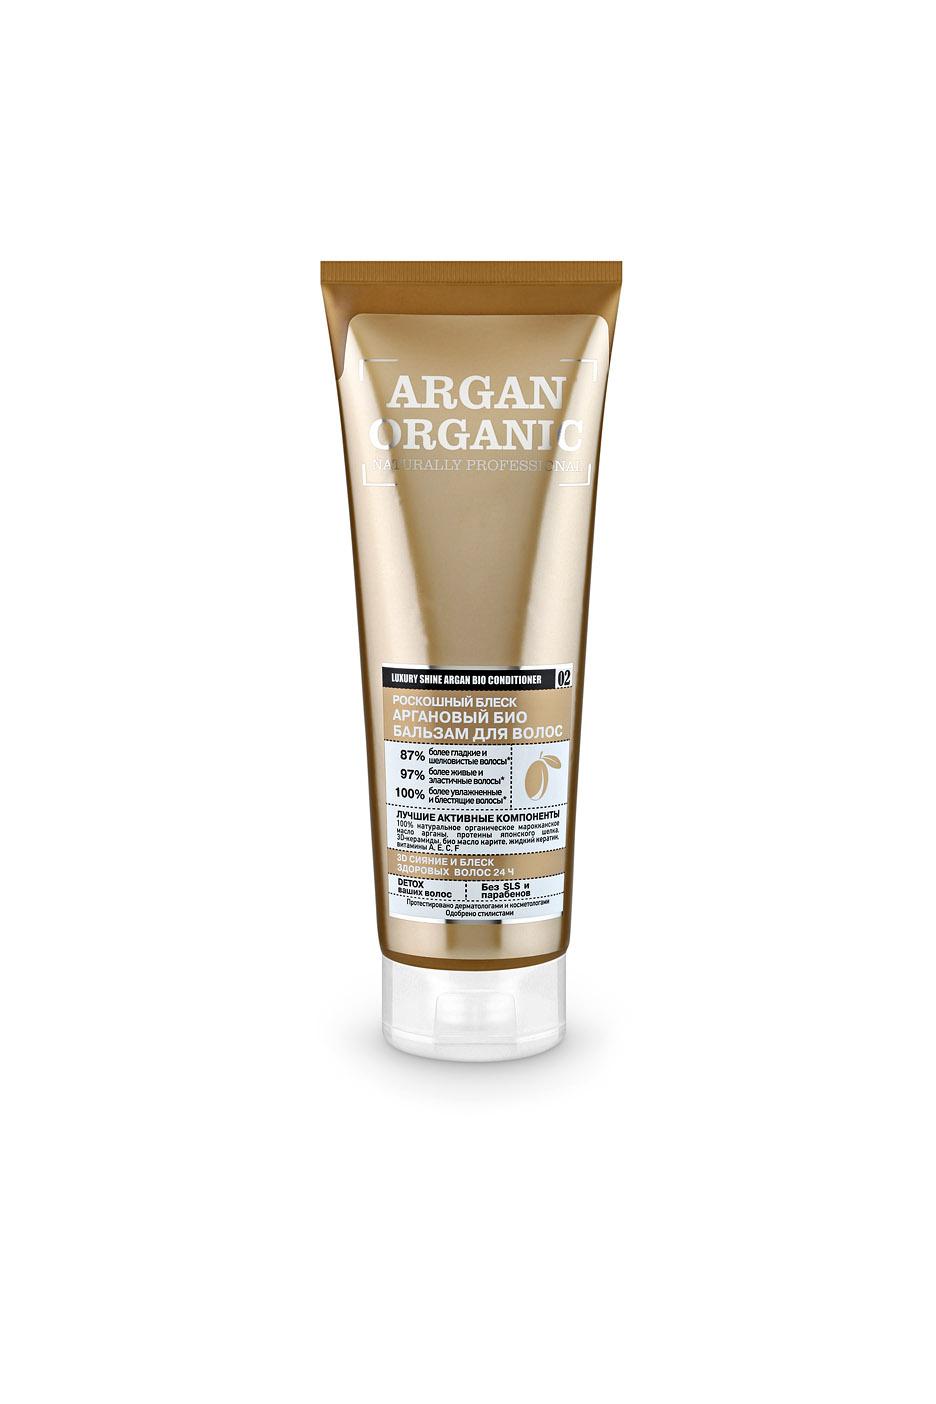 Оrganic Shop Naturally Professional Био-бальзам для волос Роскошный блеск, аргановый, 250 млFS-00897100% натуральное органическое марокканское масло арганы интенсивно питает волосы, придает им зеркальный блеск и мягкость. Протеины японского шелка увлажняют и защищают волосы от пересушивания, придавая им гладкость и шелковистость. 3D-керамиды проникают внутрь волоса, предотвращая ломкость и сечение, делают волосы эластичными и упругими. Био-масло карите восстанавливает волосы по всей длине, обеспечивая надежную защиту от термо и УФ воздействий. Жидкий кератин залечивает поврежденную структуру волос и придает кристальное сияние. Товар сертифицирован.